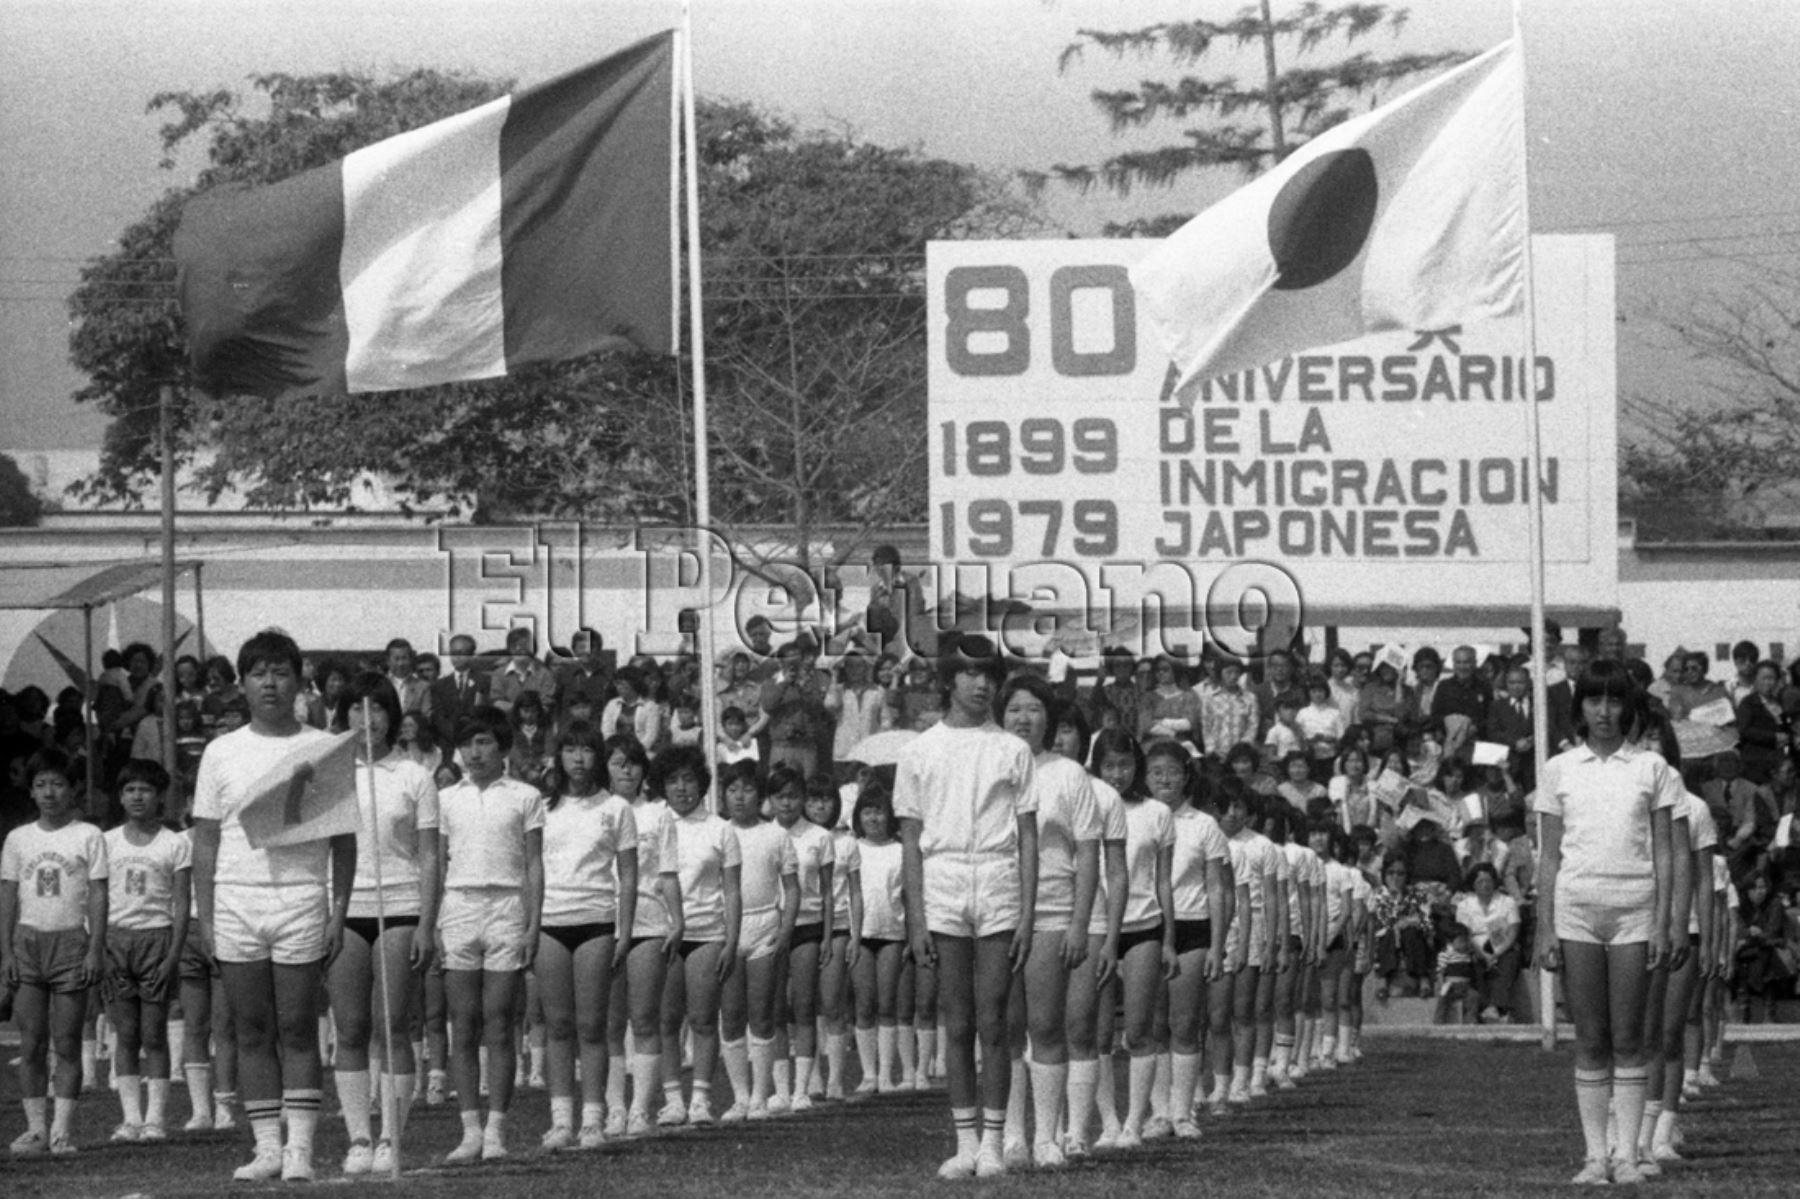 Lima - 19 agosto 1979 / Ceremonia central de la celebración del 80 aniversario de la inmigración japonesa al Perú.